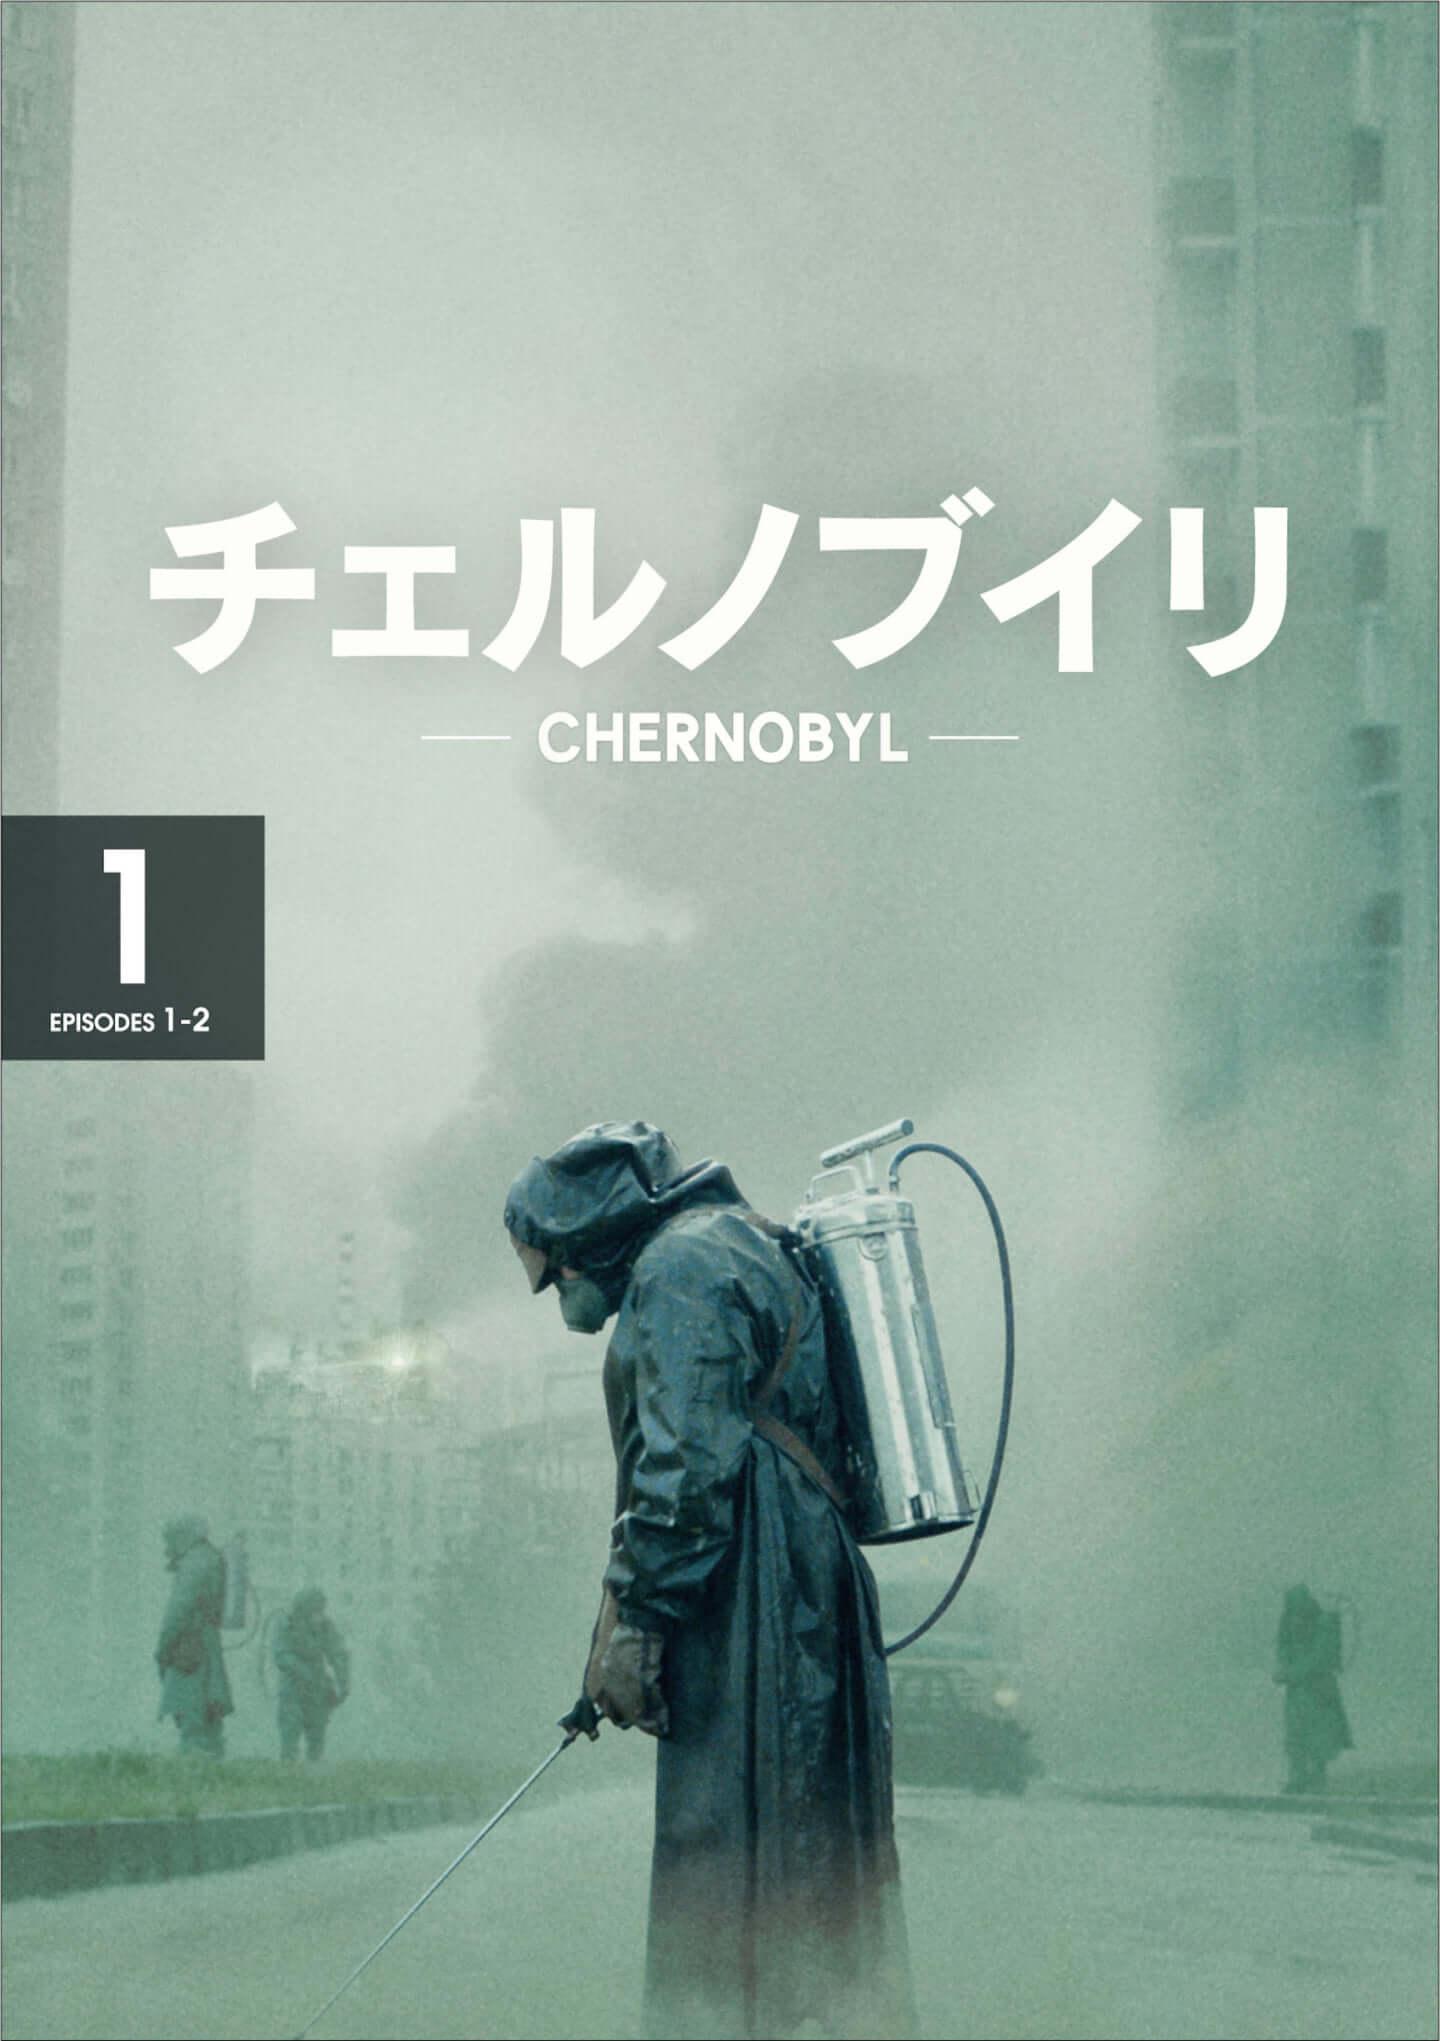 謎に包まれた最悪の「チェルノブイリ原発事故」に迫る|エミー賞10部門受賞『チェルノブイリ』のDVDレンタルが開始 Chernobyl_Rental-Vol1-1440x2041